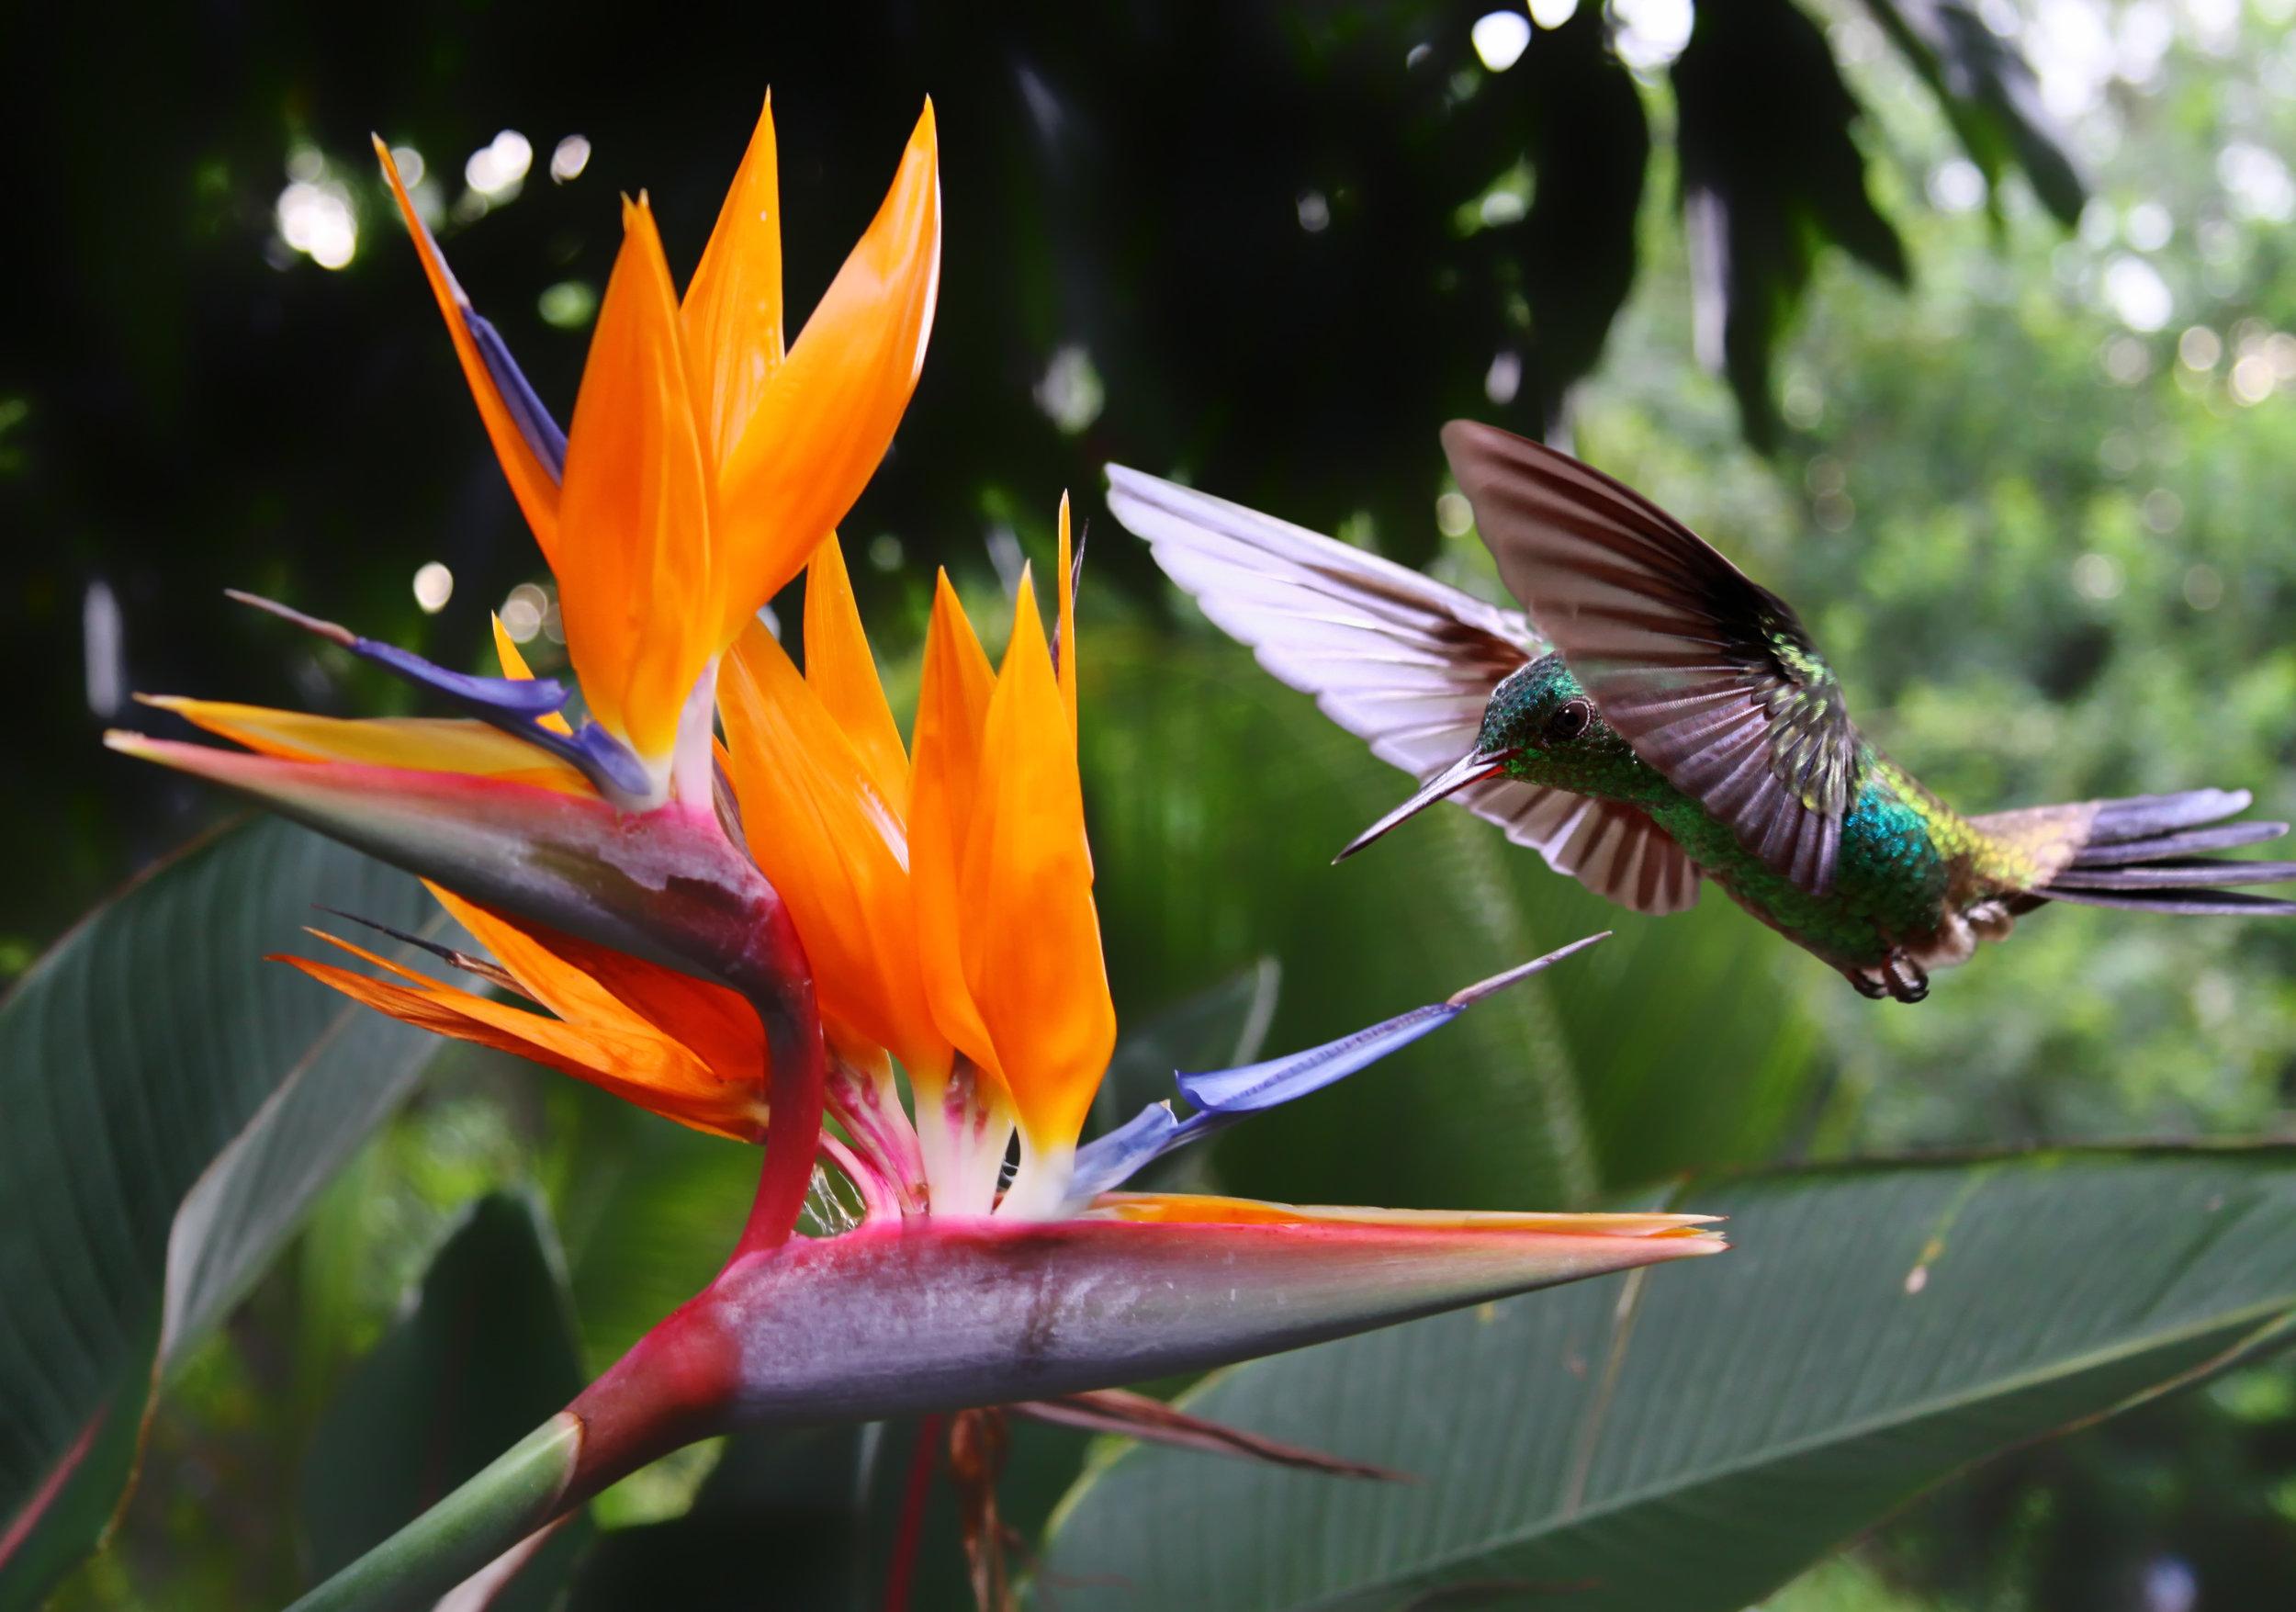 costarica_bigstock-Flying-Hummingbird-at-a-Streli-49805498.jpg